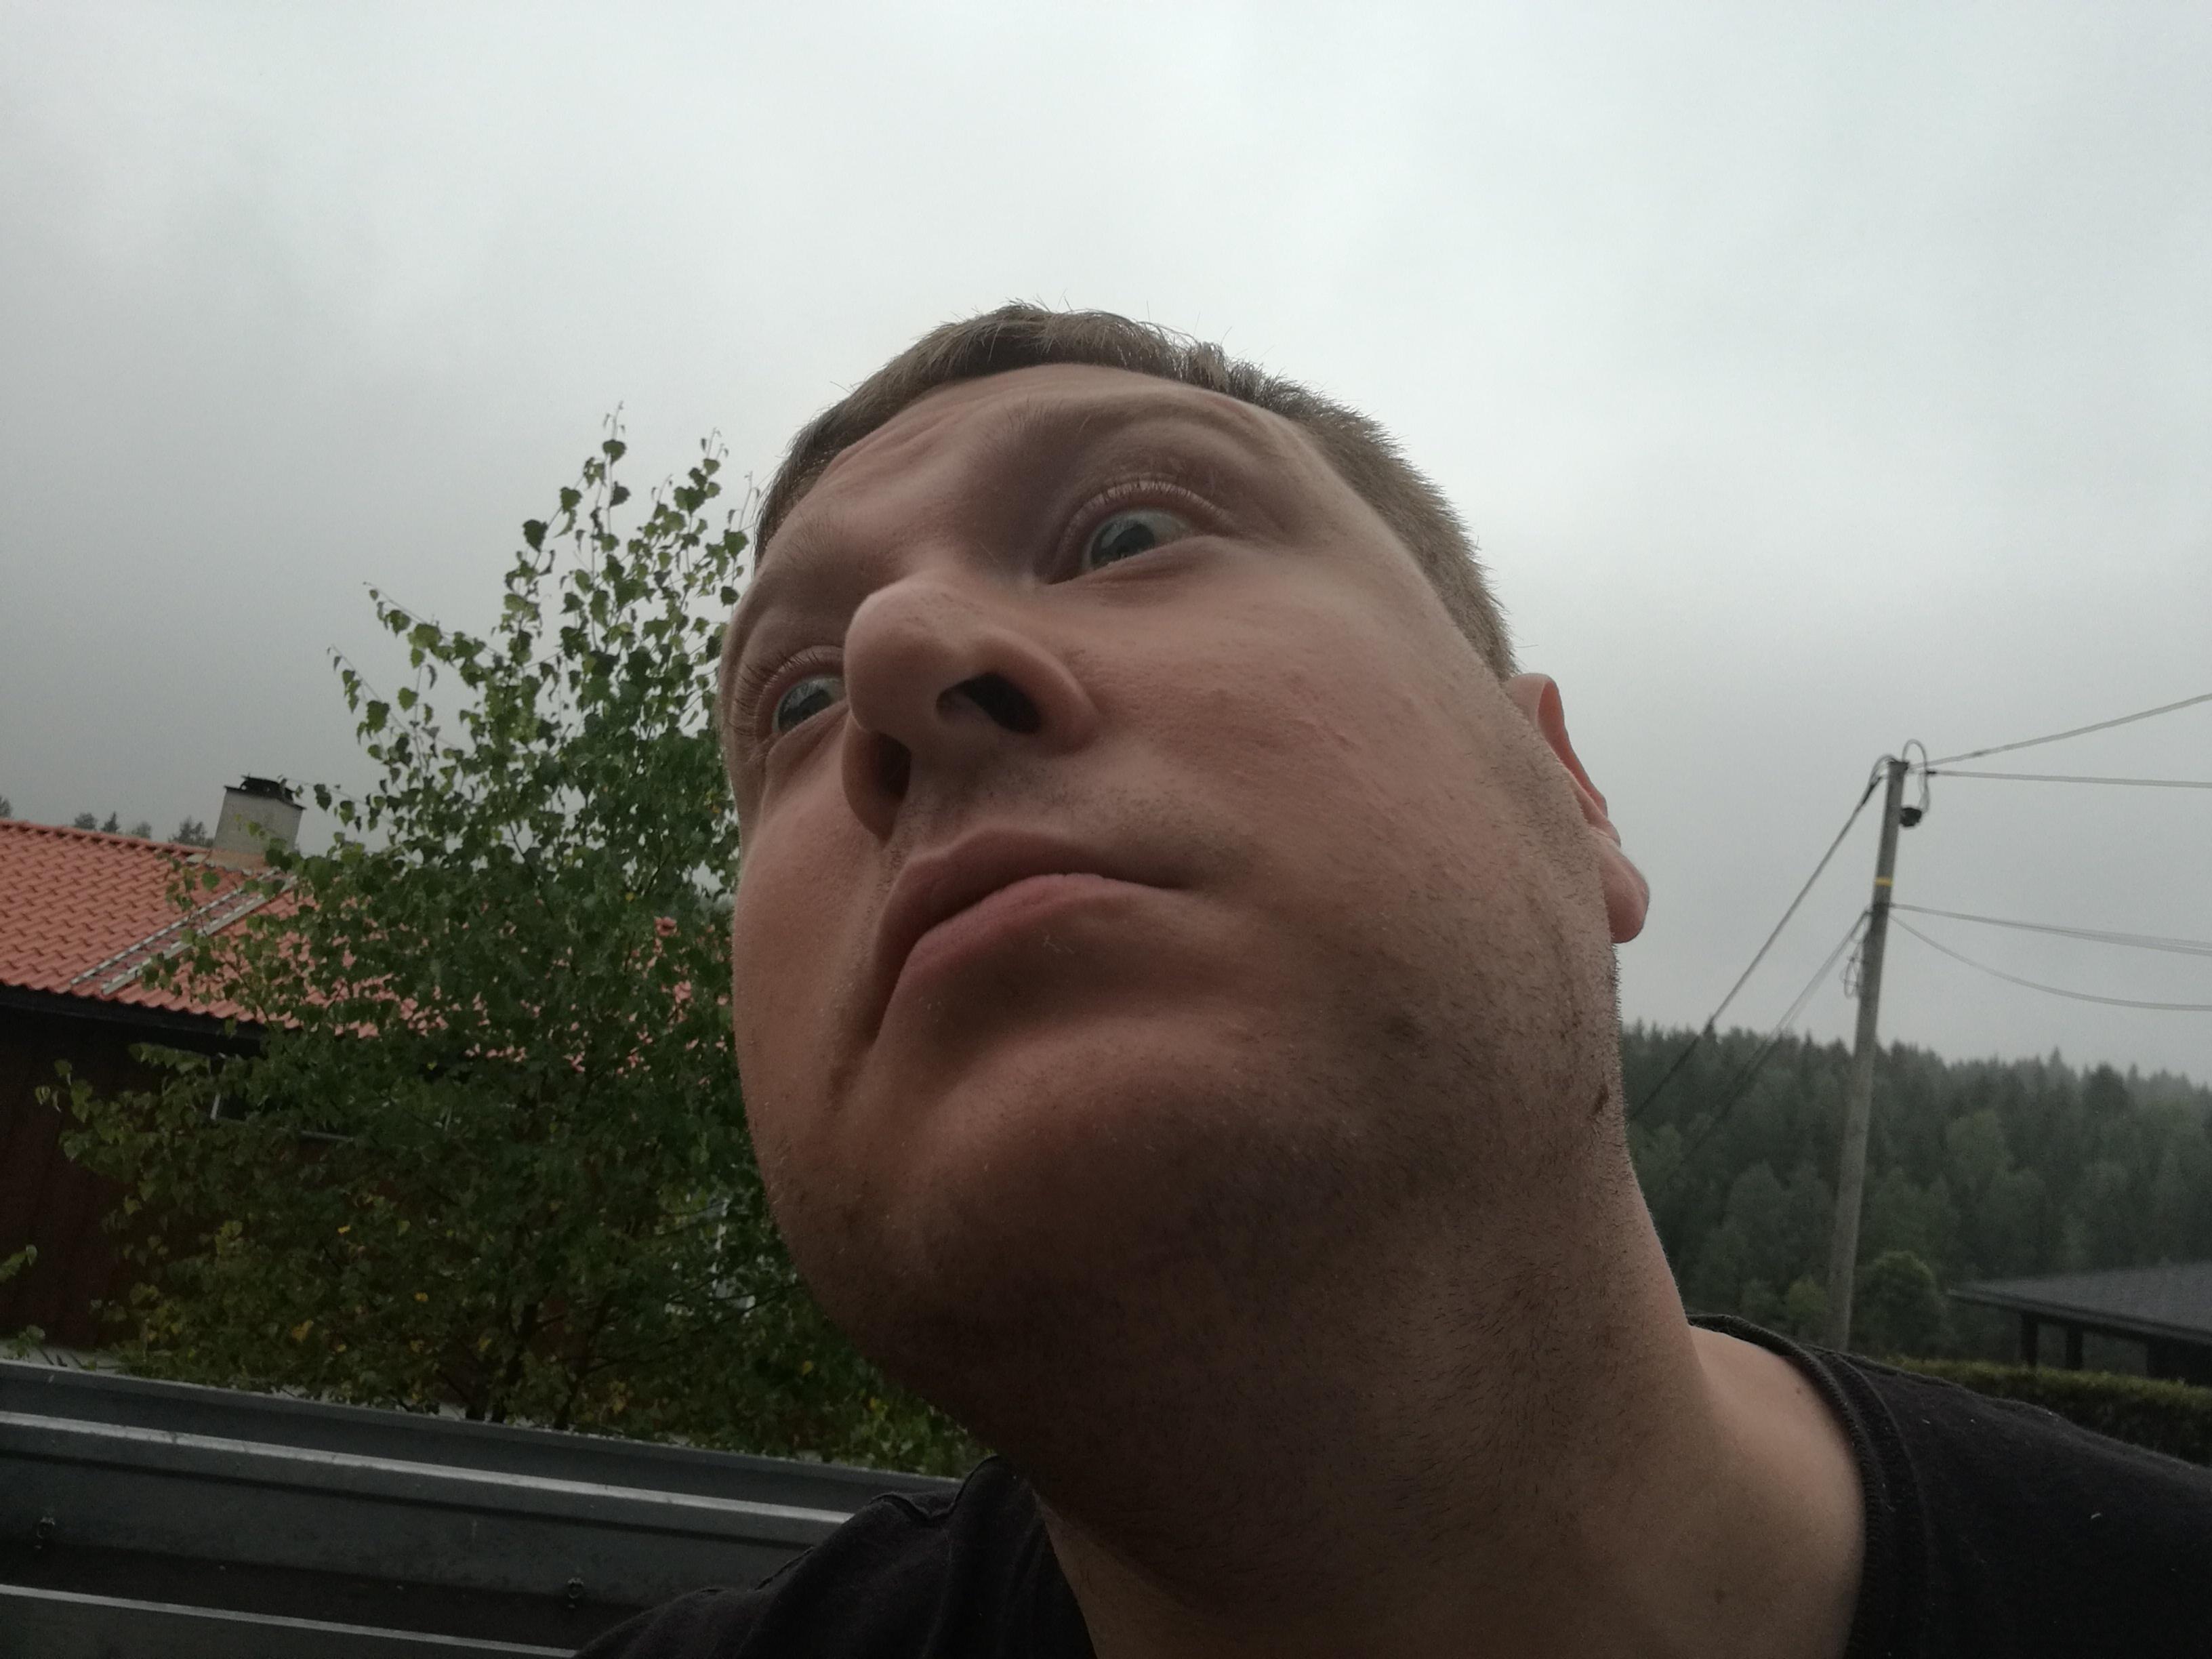 Min estetiske selfiesans er helt upåklagelig.